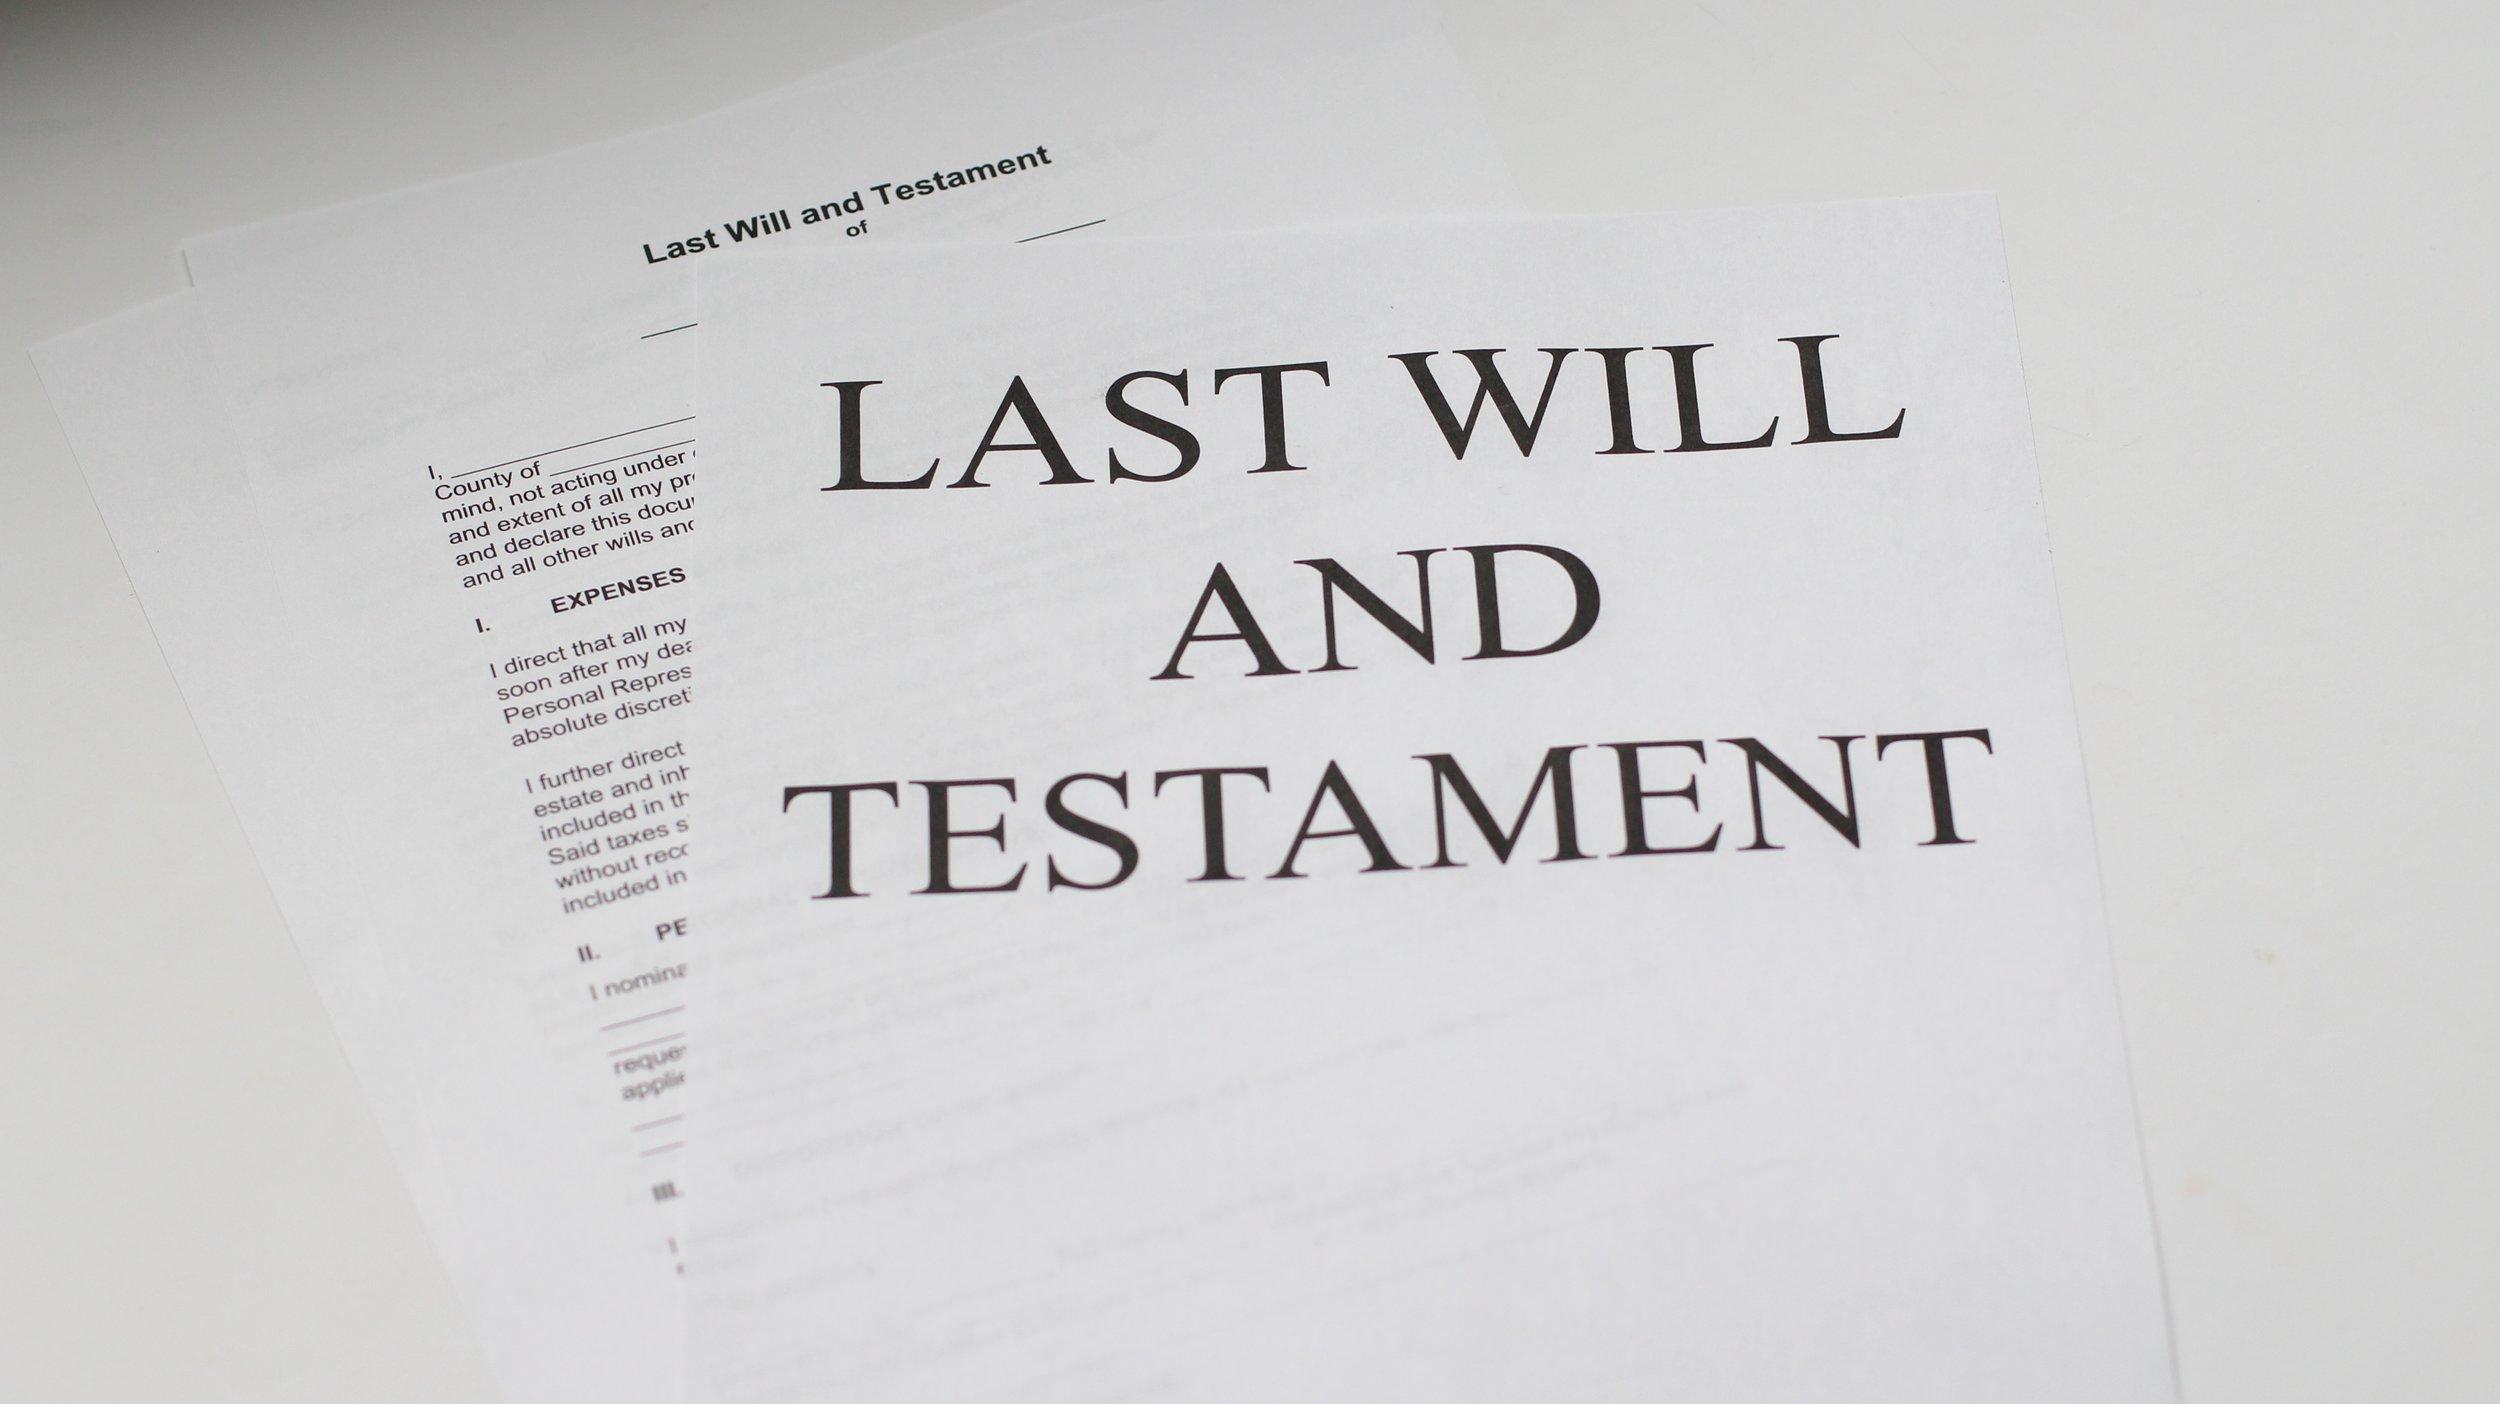 last will & testament - melinda-gimpel-699368-unsplash.jpg